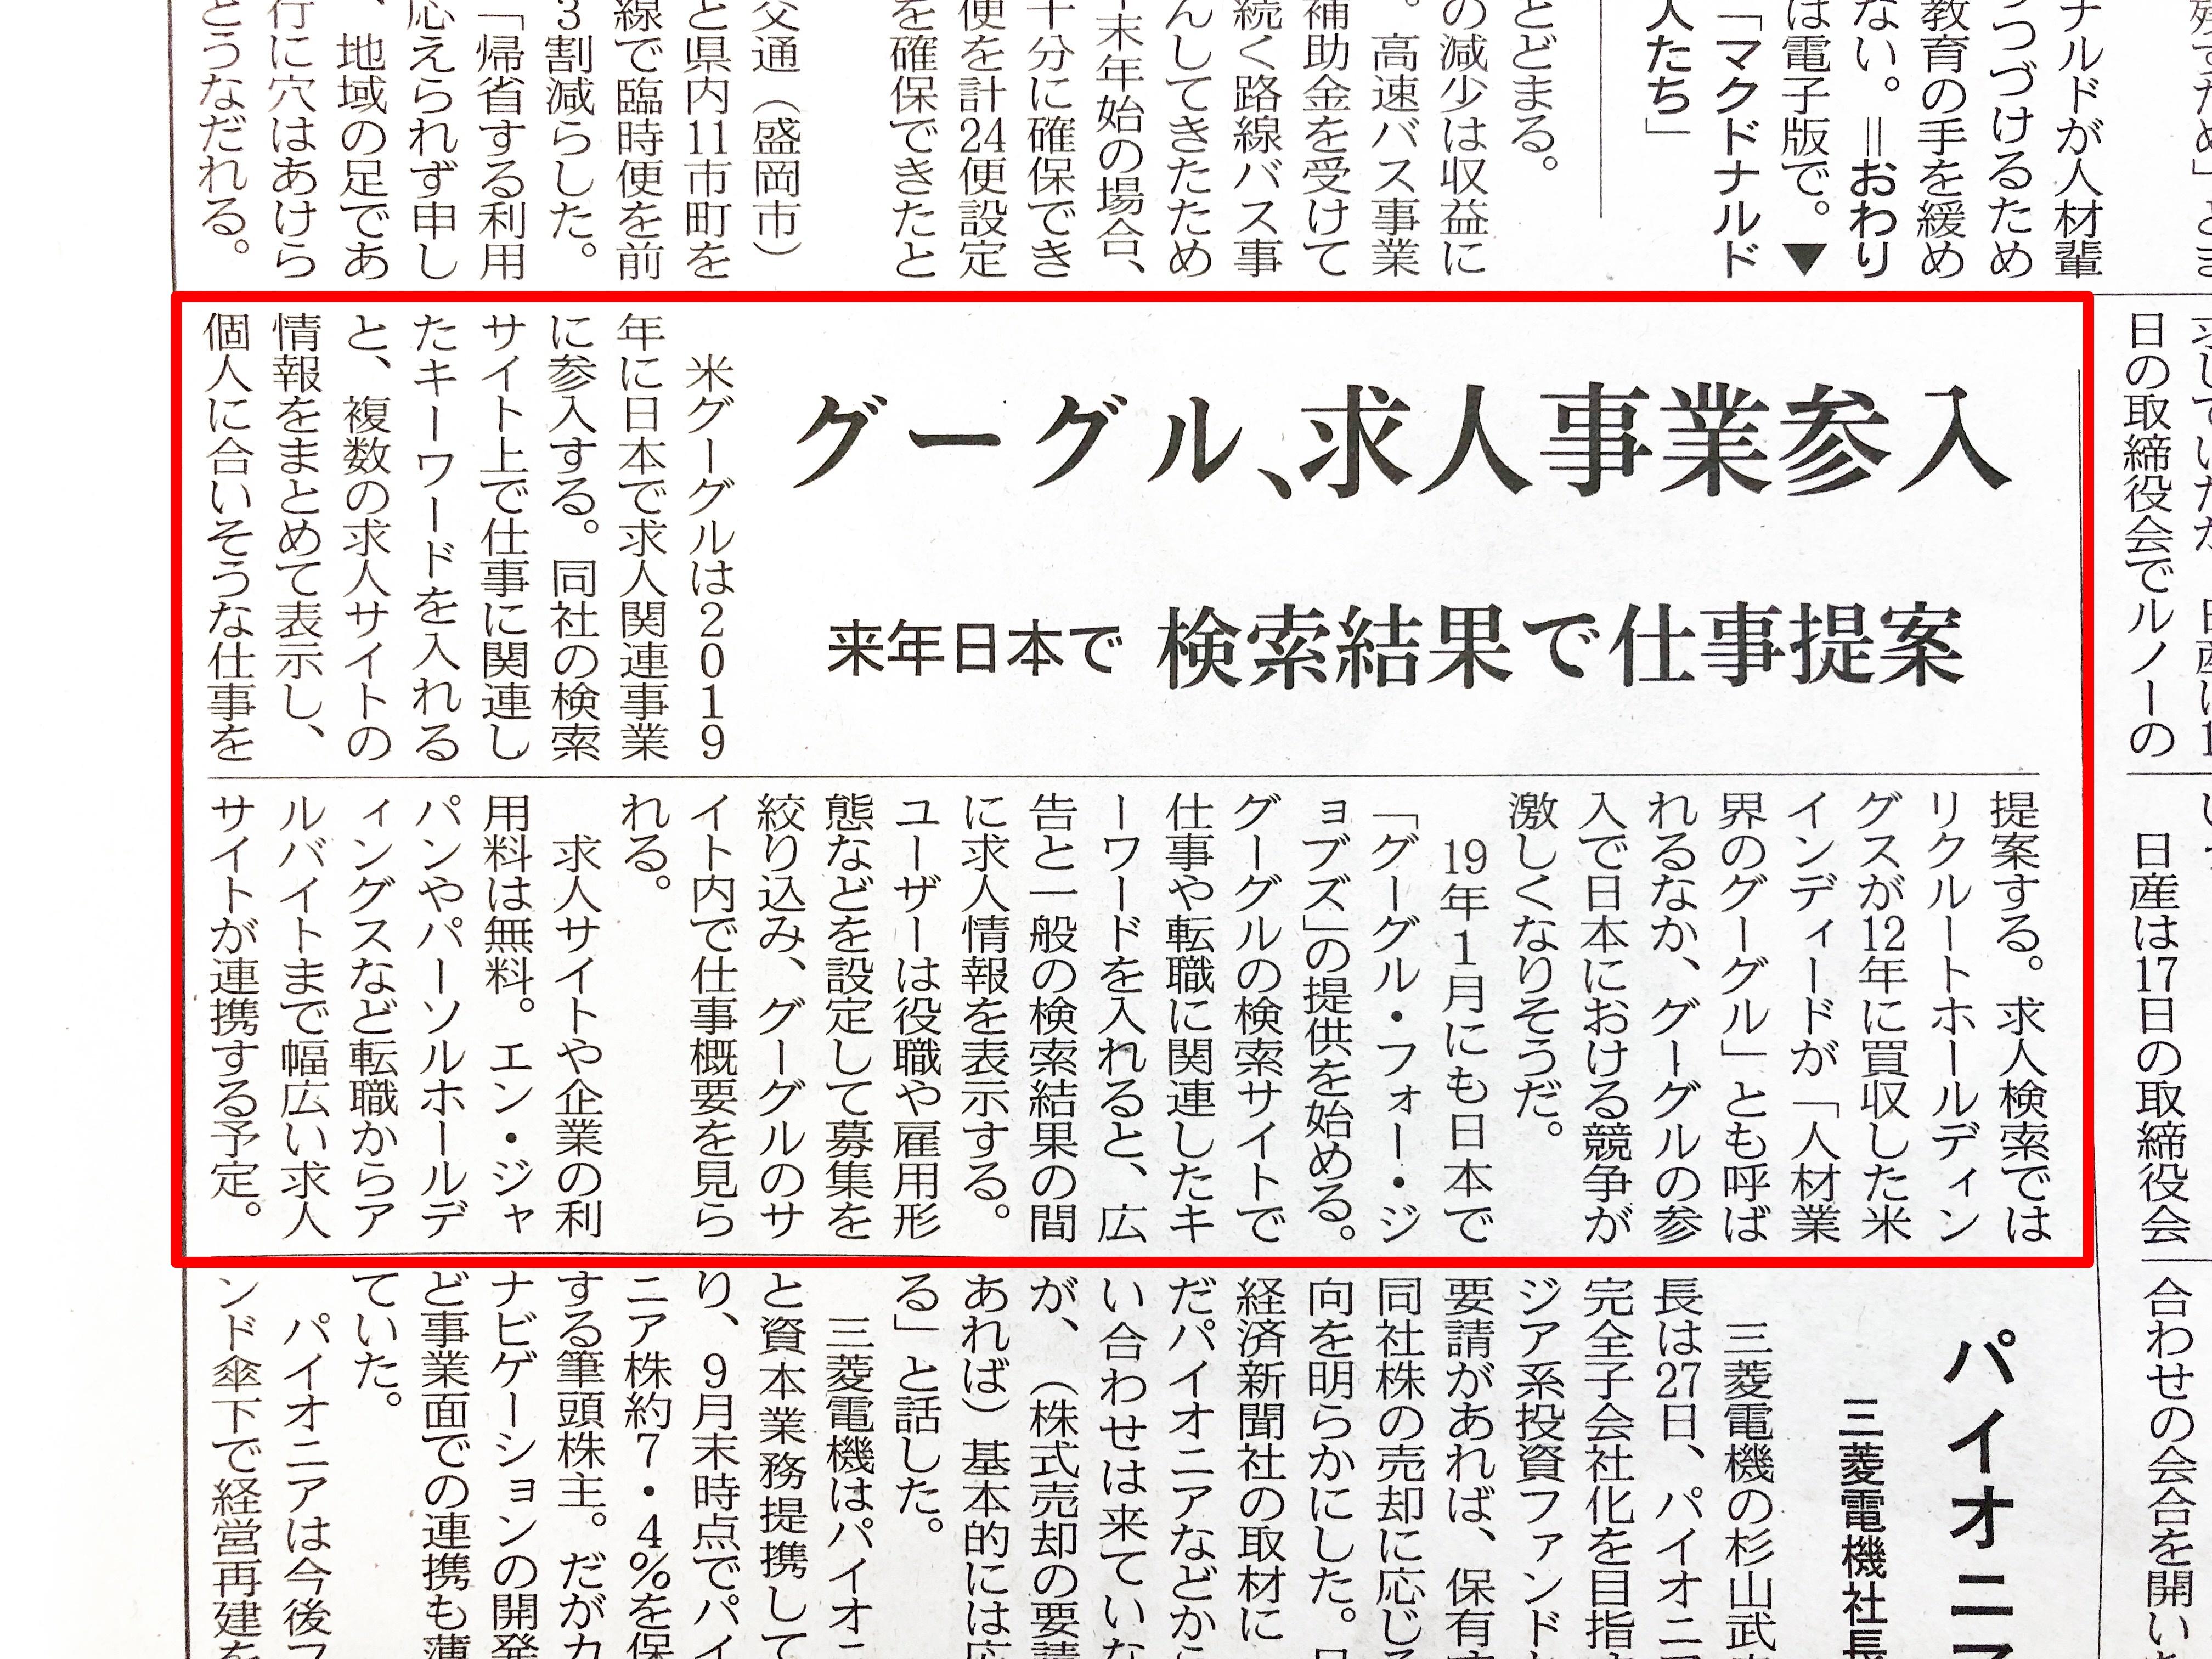 平成30年12月28日 企業2 日本経済新聞